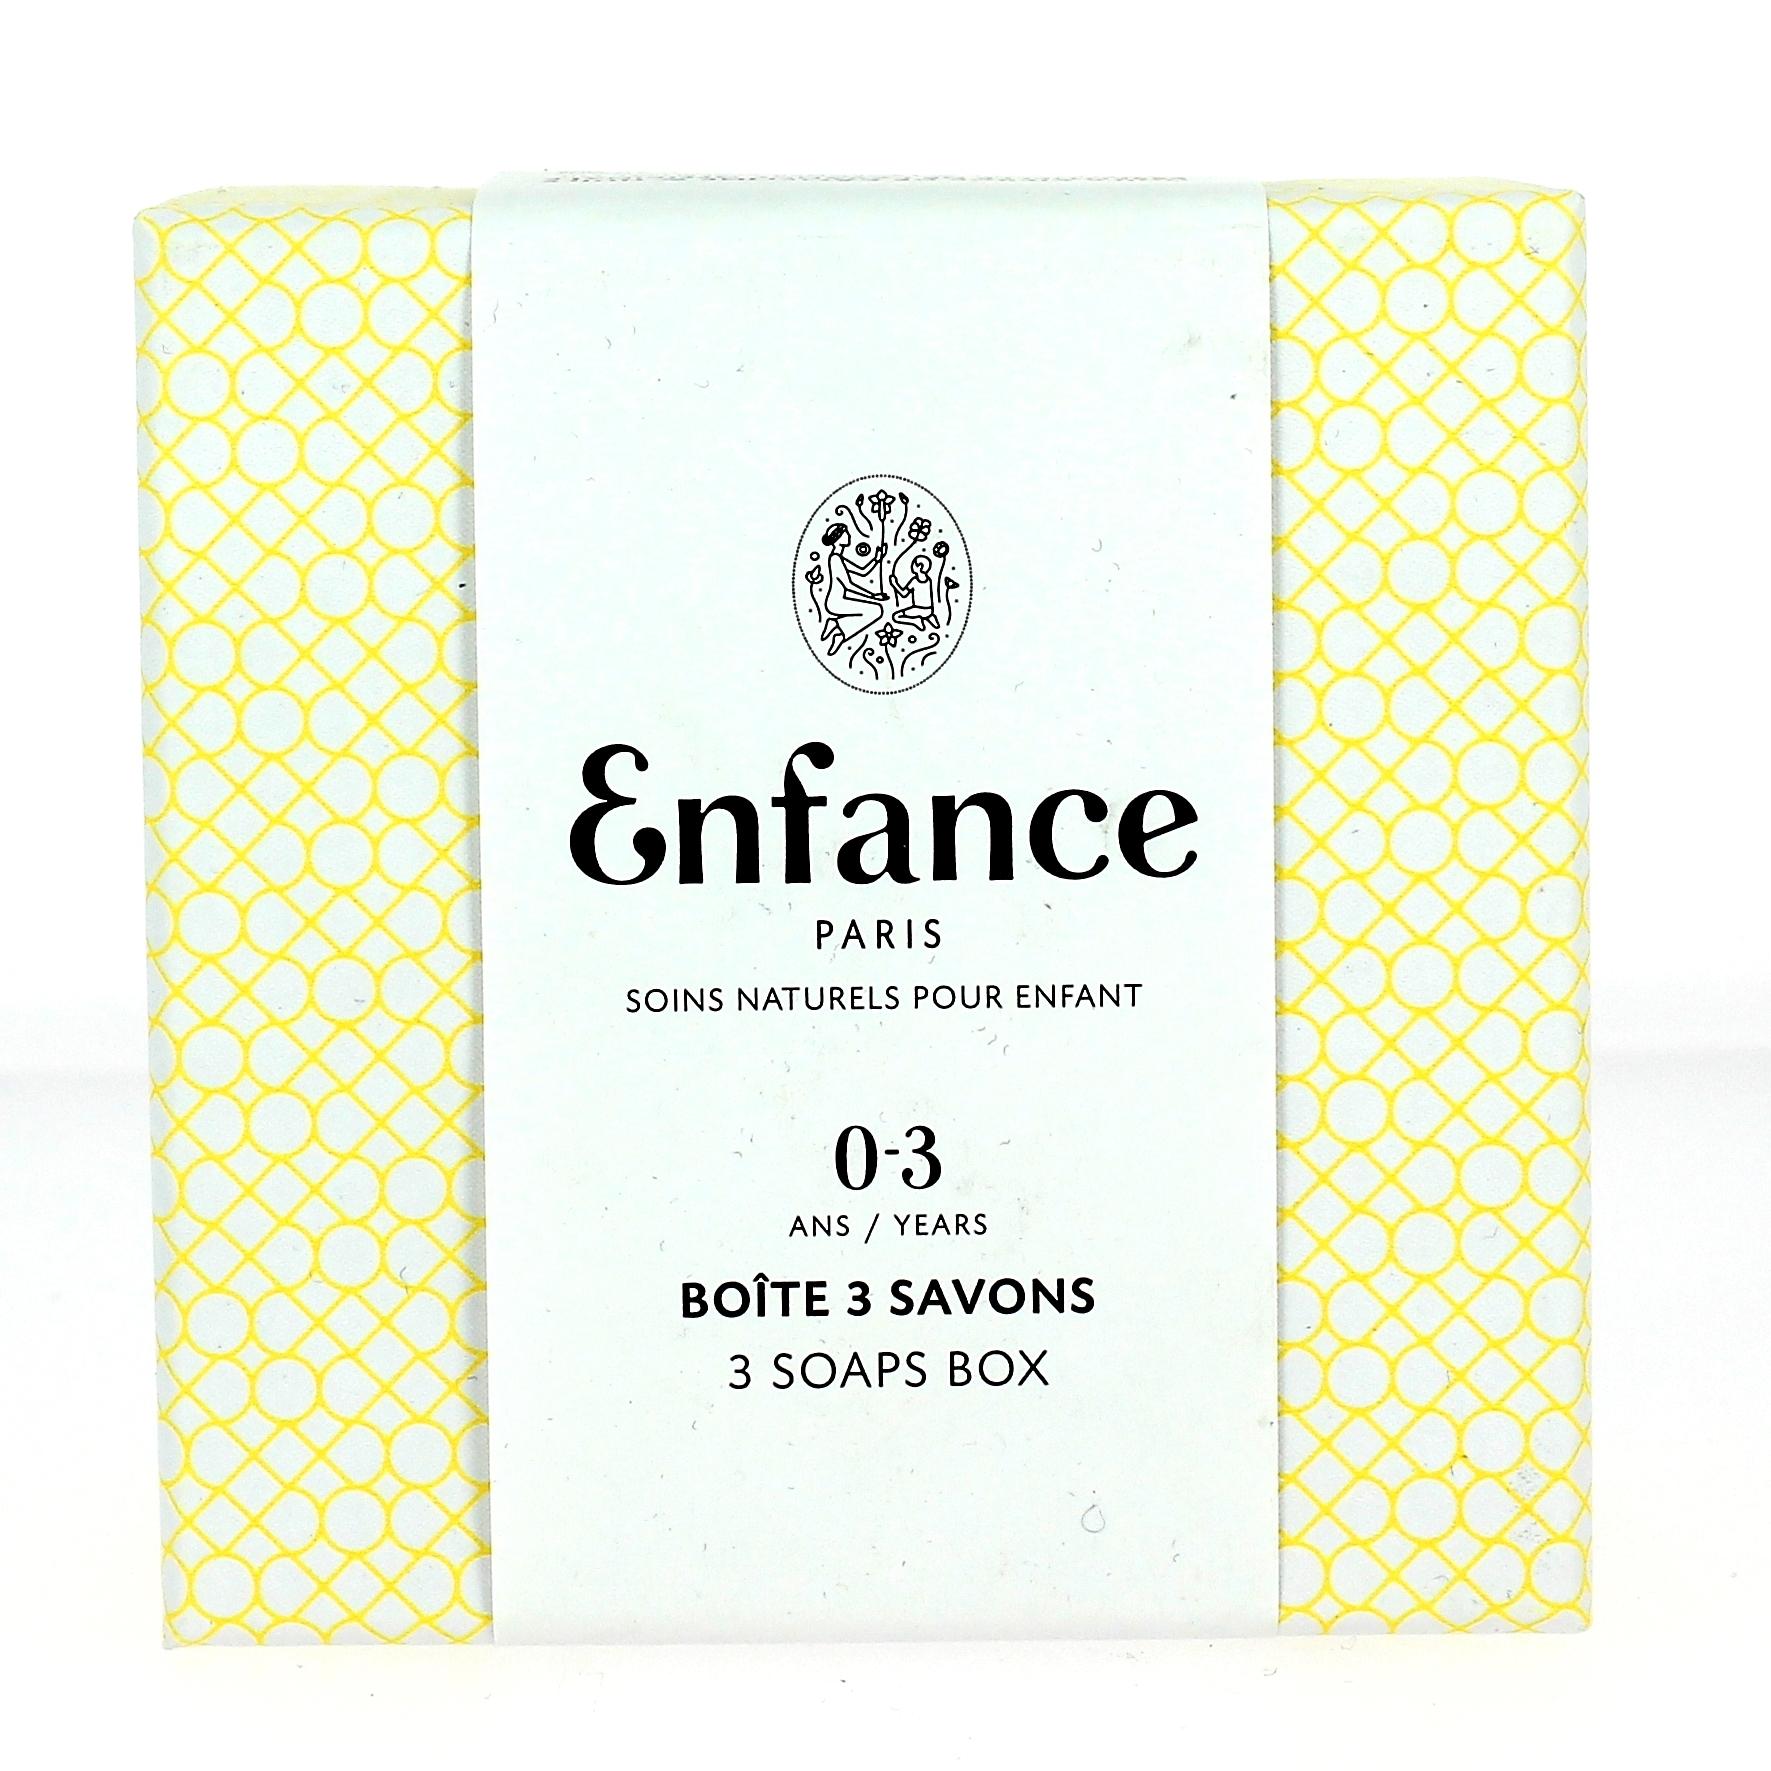 Doux Good - Enfance Paris - savon bébé en coffret de 3 savons